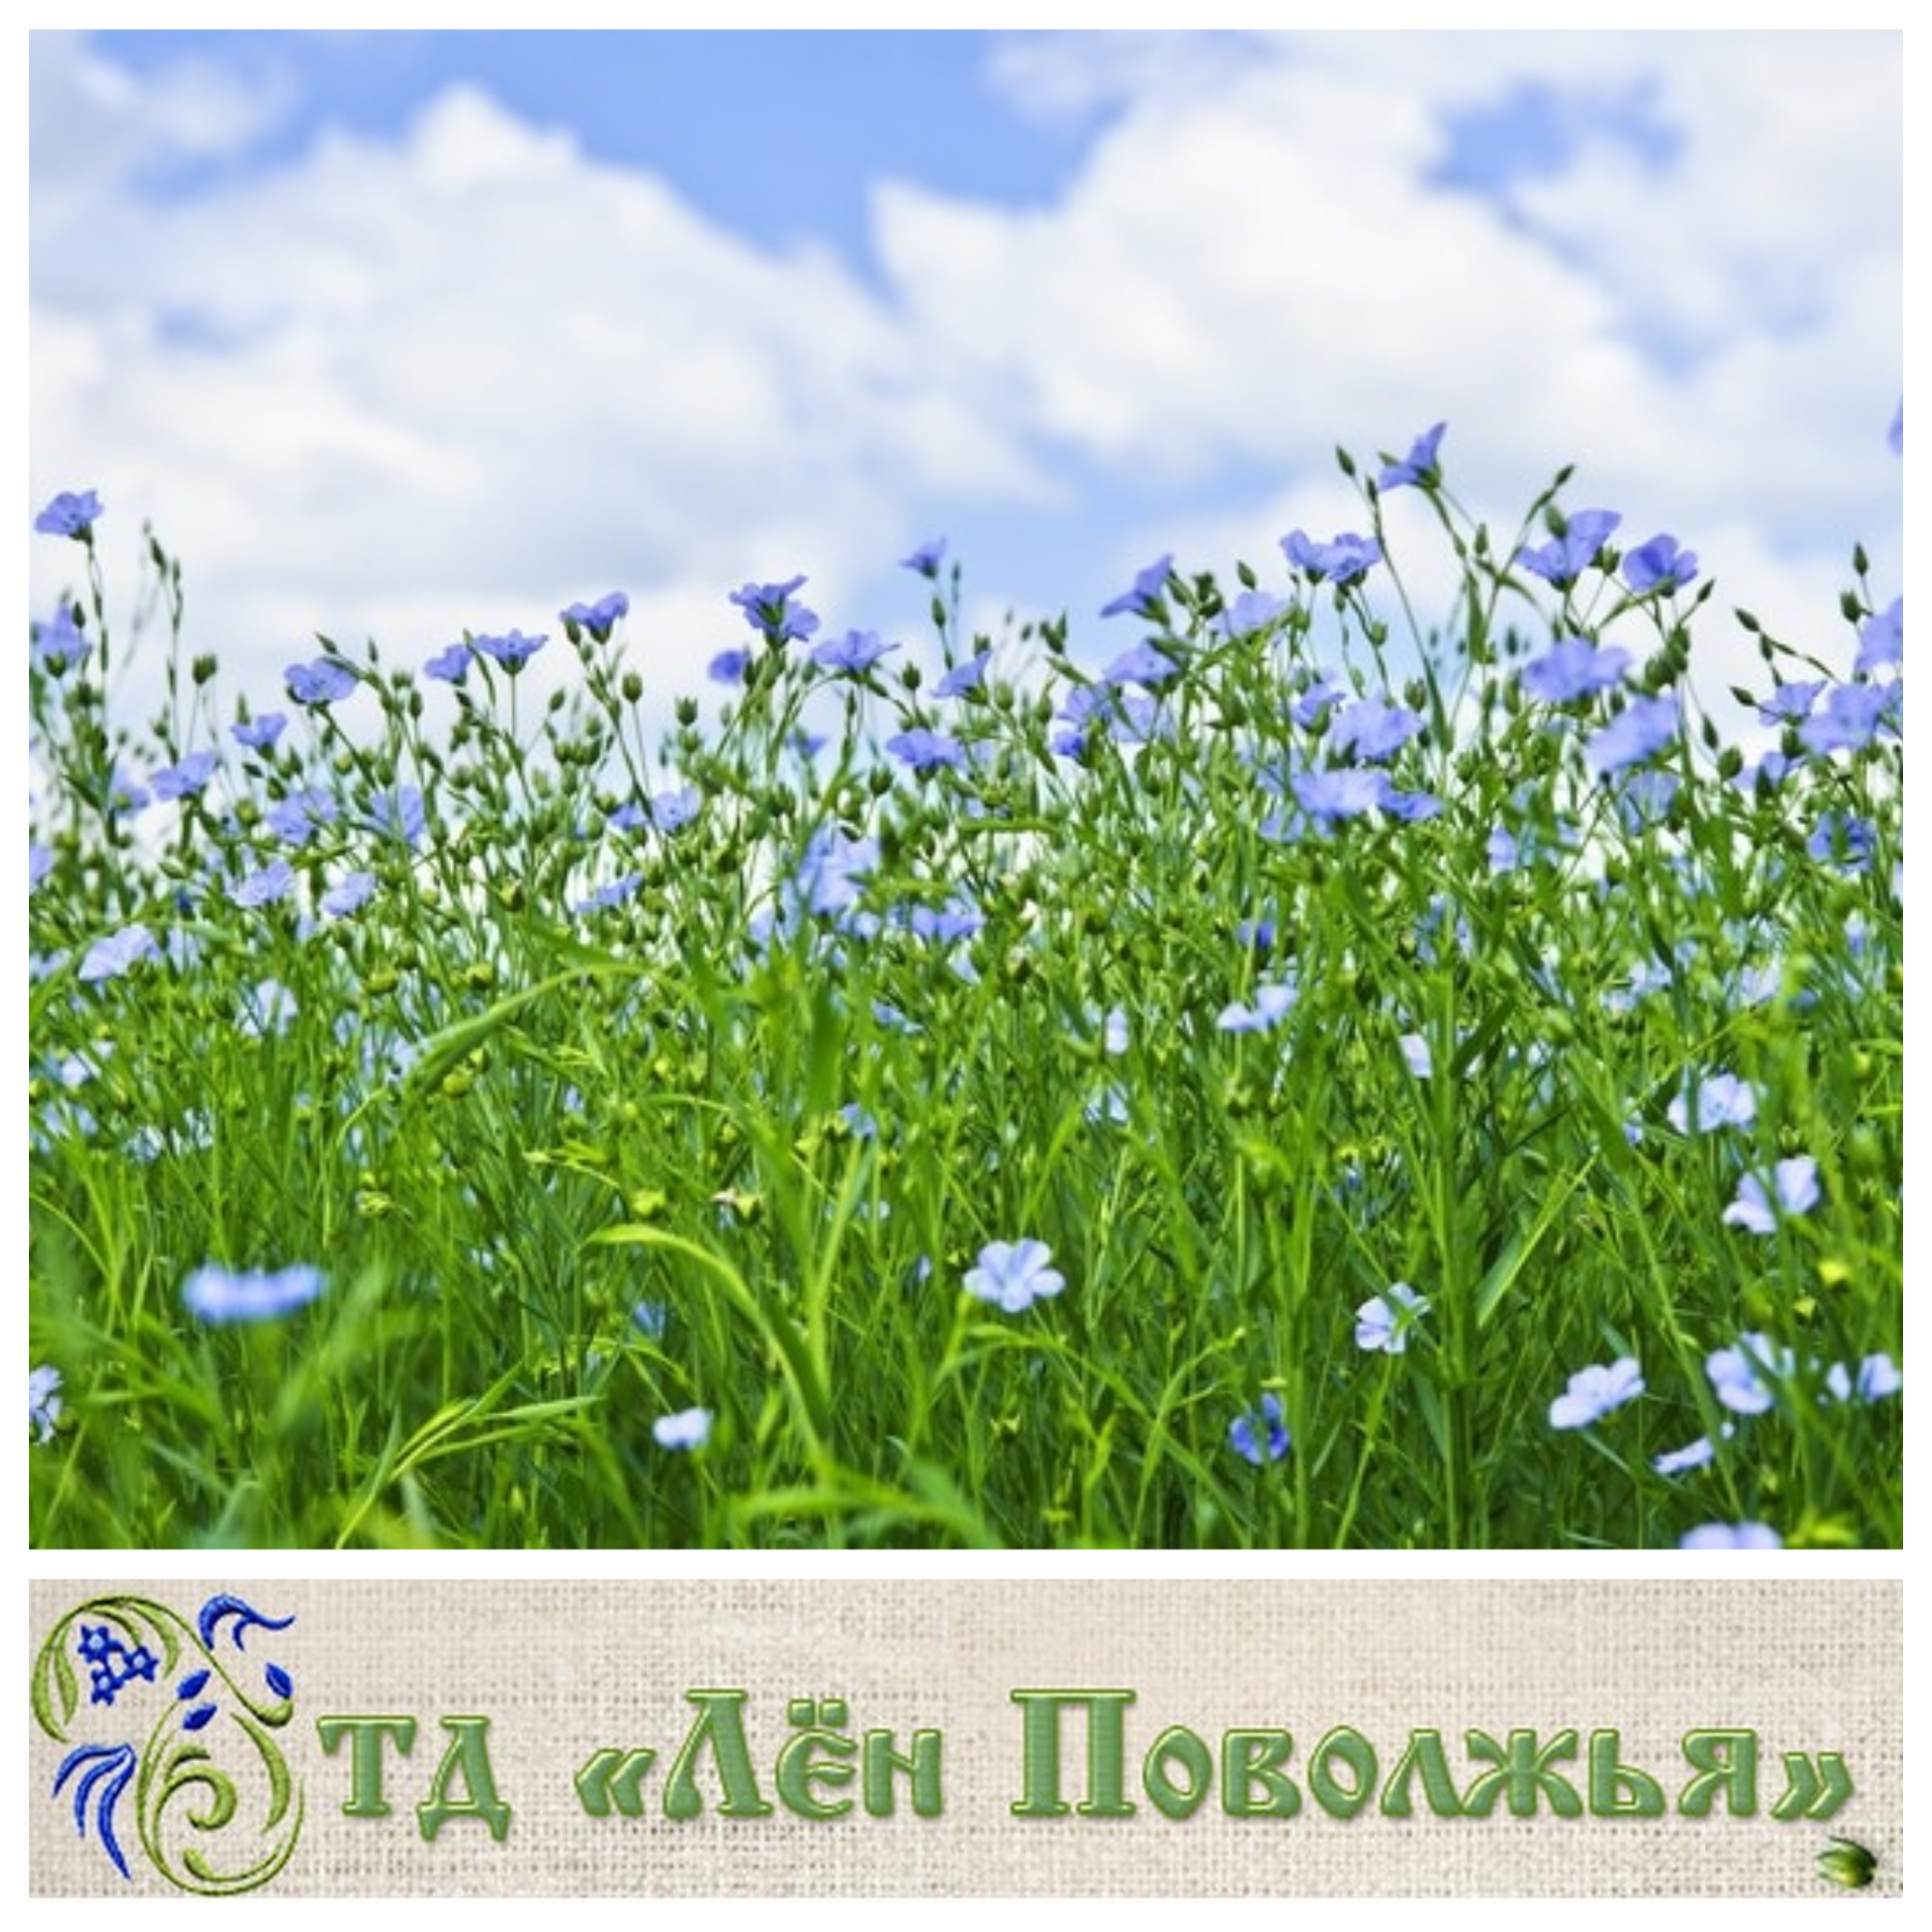 7d3619e207a3 Лён Поволжья - столовое и постельное бельё, шторы, сувенирные изделия из  льна. - Совместные покупки по всей России